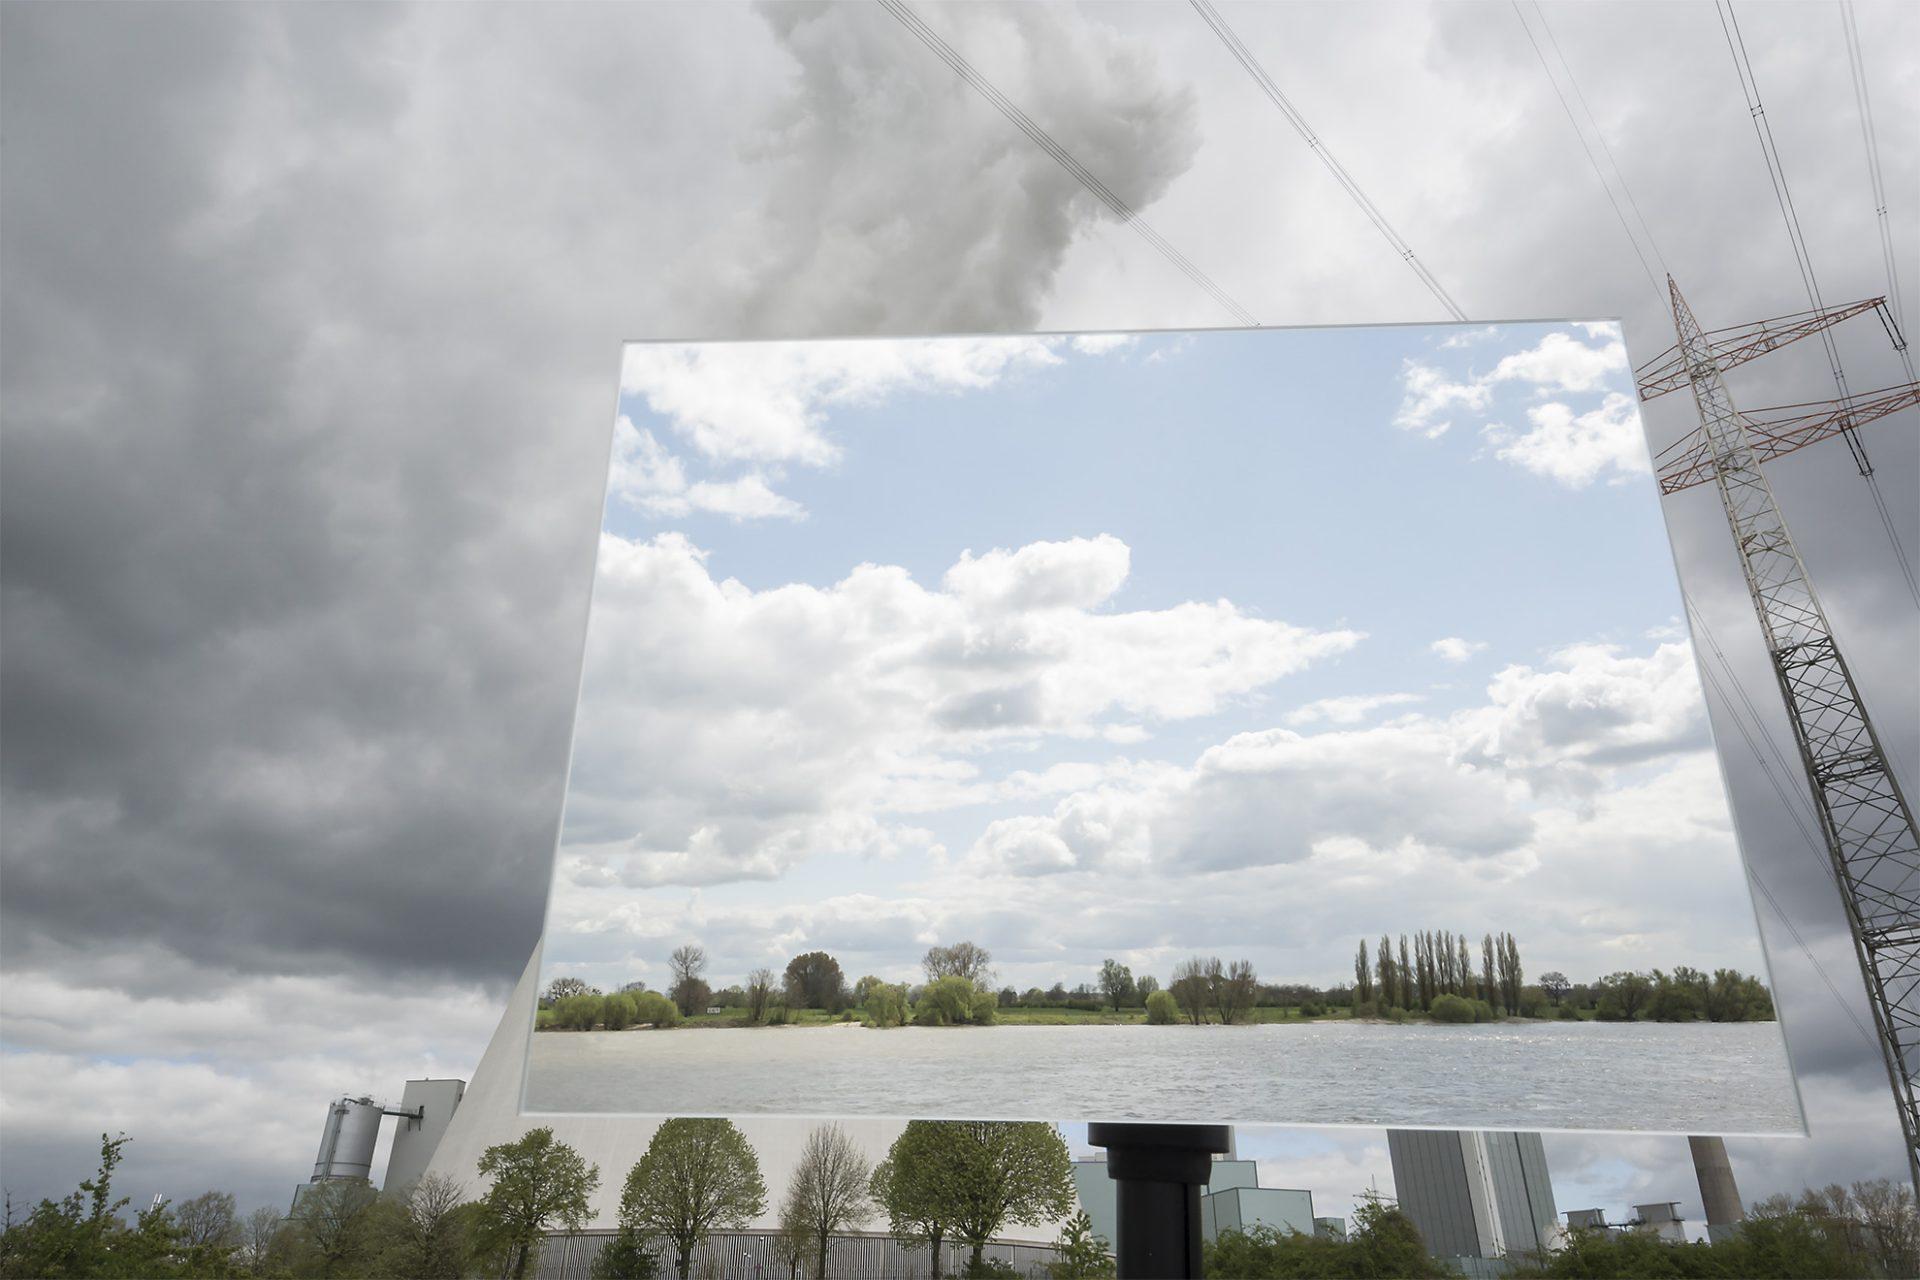 Rhein/Kraftwerk Walsum I • Lambda-Print auf FUJIFILM Crystal Archive DPII, 75 x 50 cm, rahmenloser Bilderhalter • Auflage: 5 + 2 Artist's Proof